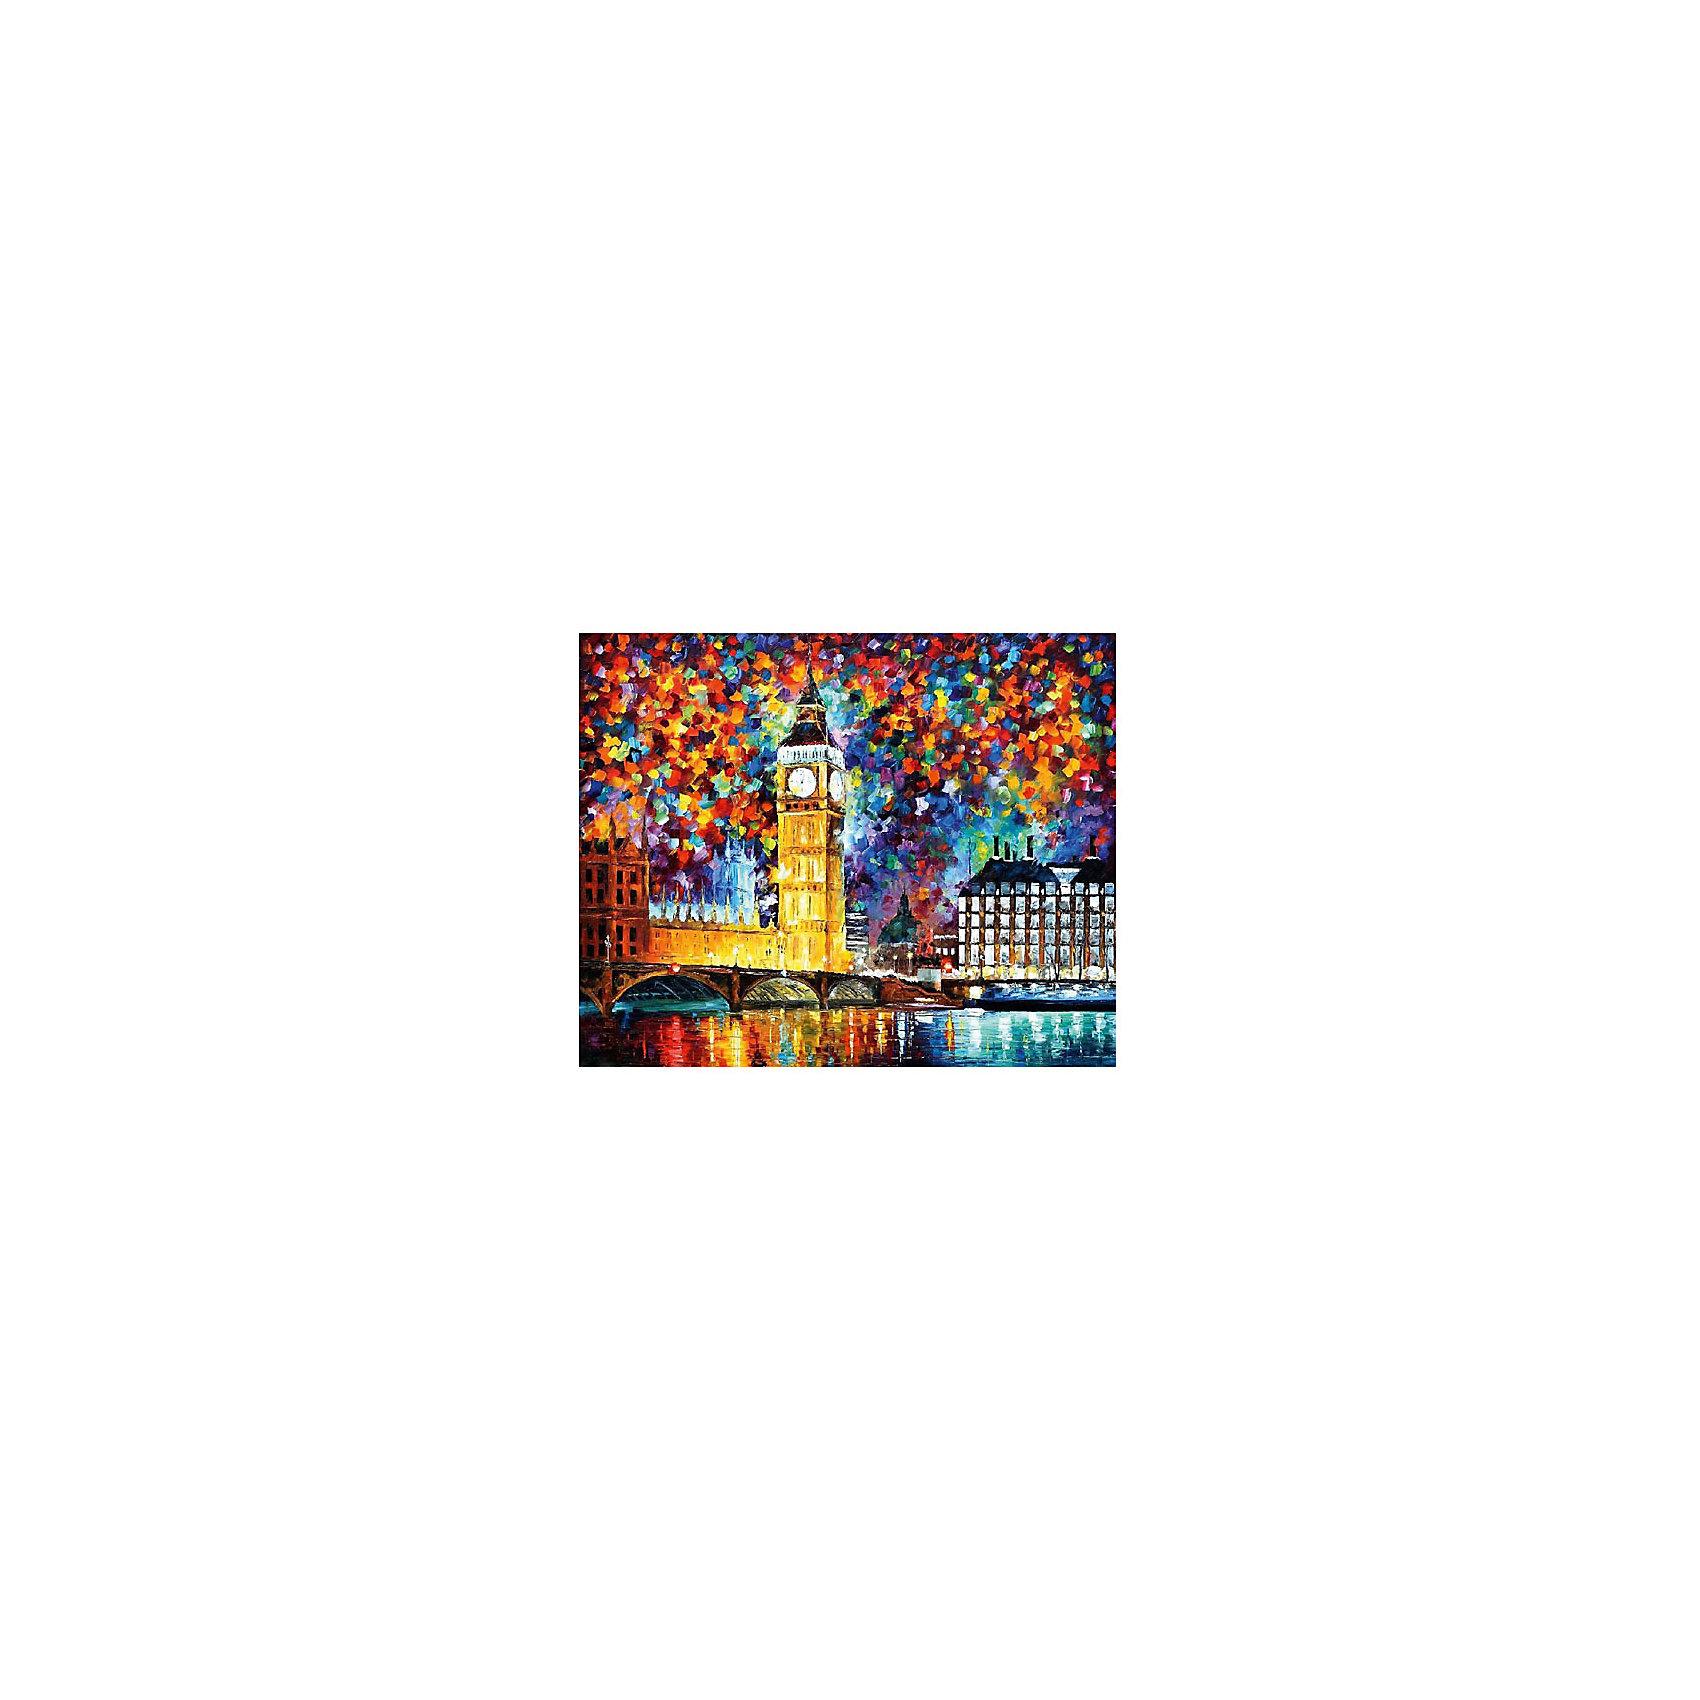 Картина по номерам Айвазовский: Лондон, Биг Бен, 40*50 смКартины с раскраской по номерам размером 40*50. На деревянном подрамнике, с прогрунтованным холстом и  нанесенными контурами картины, с указанием цвета закраски, акриловыми красками, 3 кисточками и креплением на стену. Уровень сложности, количество красок указаны на коробке.<br><br>Ширина мм: 500<br>Глубина мм: 400<br>Высота мм: 40<br>Вес г: 730<br>Возраст от месяцев: 108<br>Возраст до месяцев: 2147483647<br>Пол: Унисекс<br>Возраст: Детский<br>SKU: 5417680